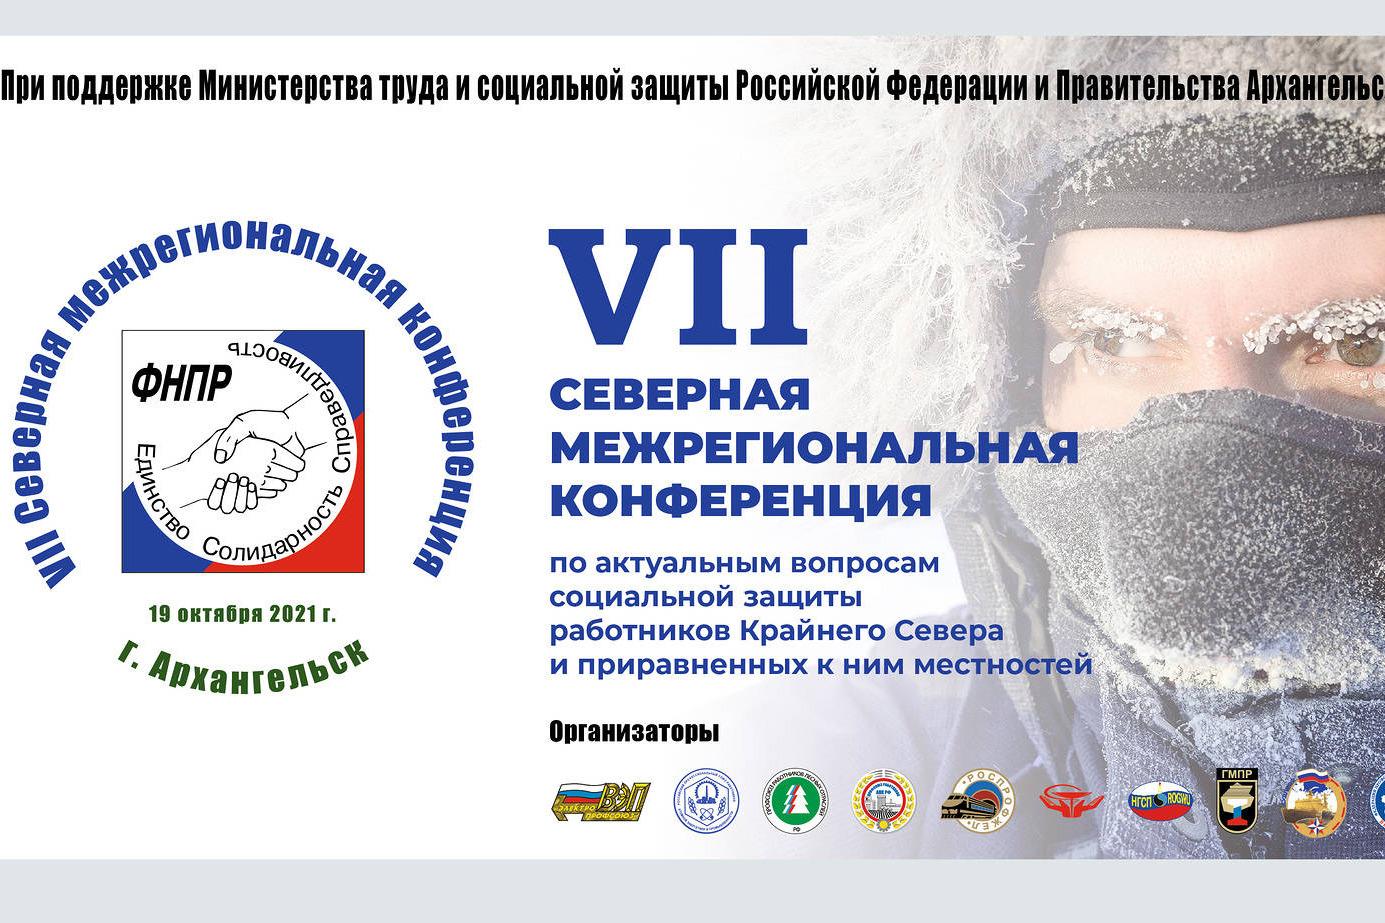 Представители профсоюзов, бизнеса и власти России обсудят актуальные вопросы социальной защиты работников Крайнего Севера